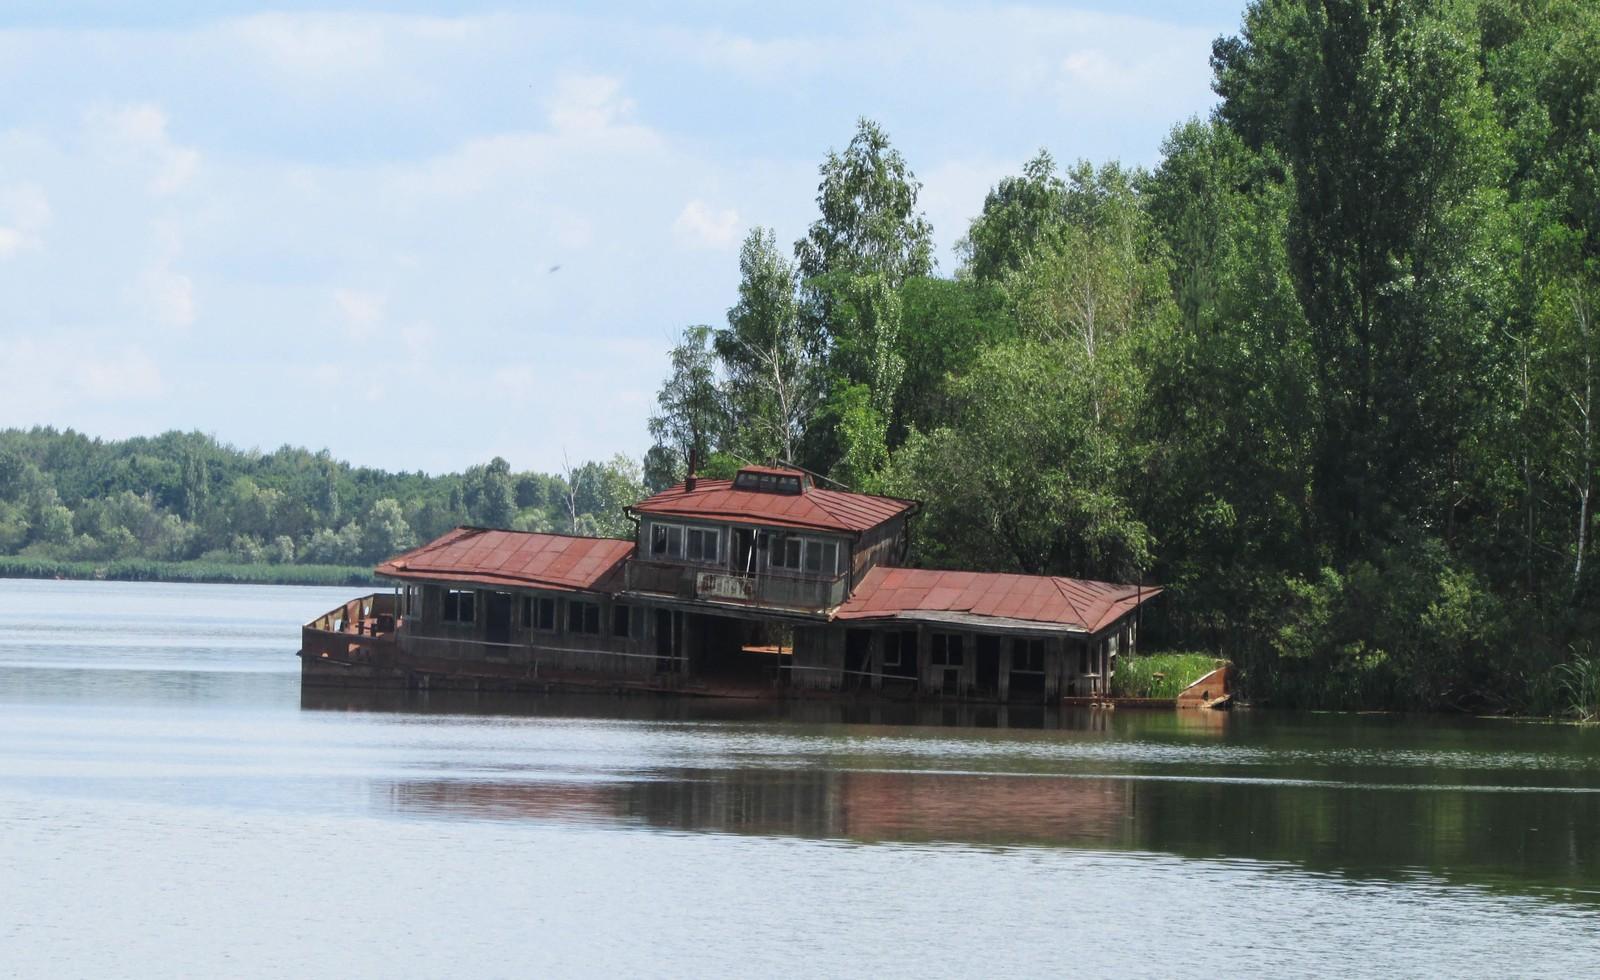 I sjøen ved siden av Kafé Pripyat ligger restene etter en gammel restaurantlekter.